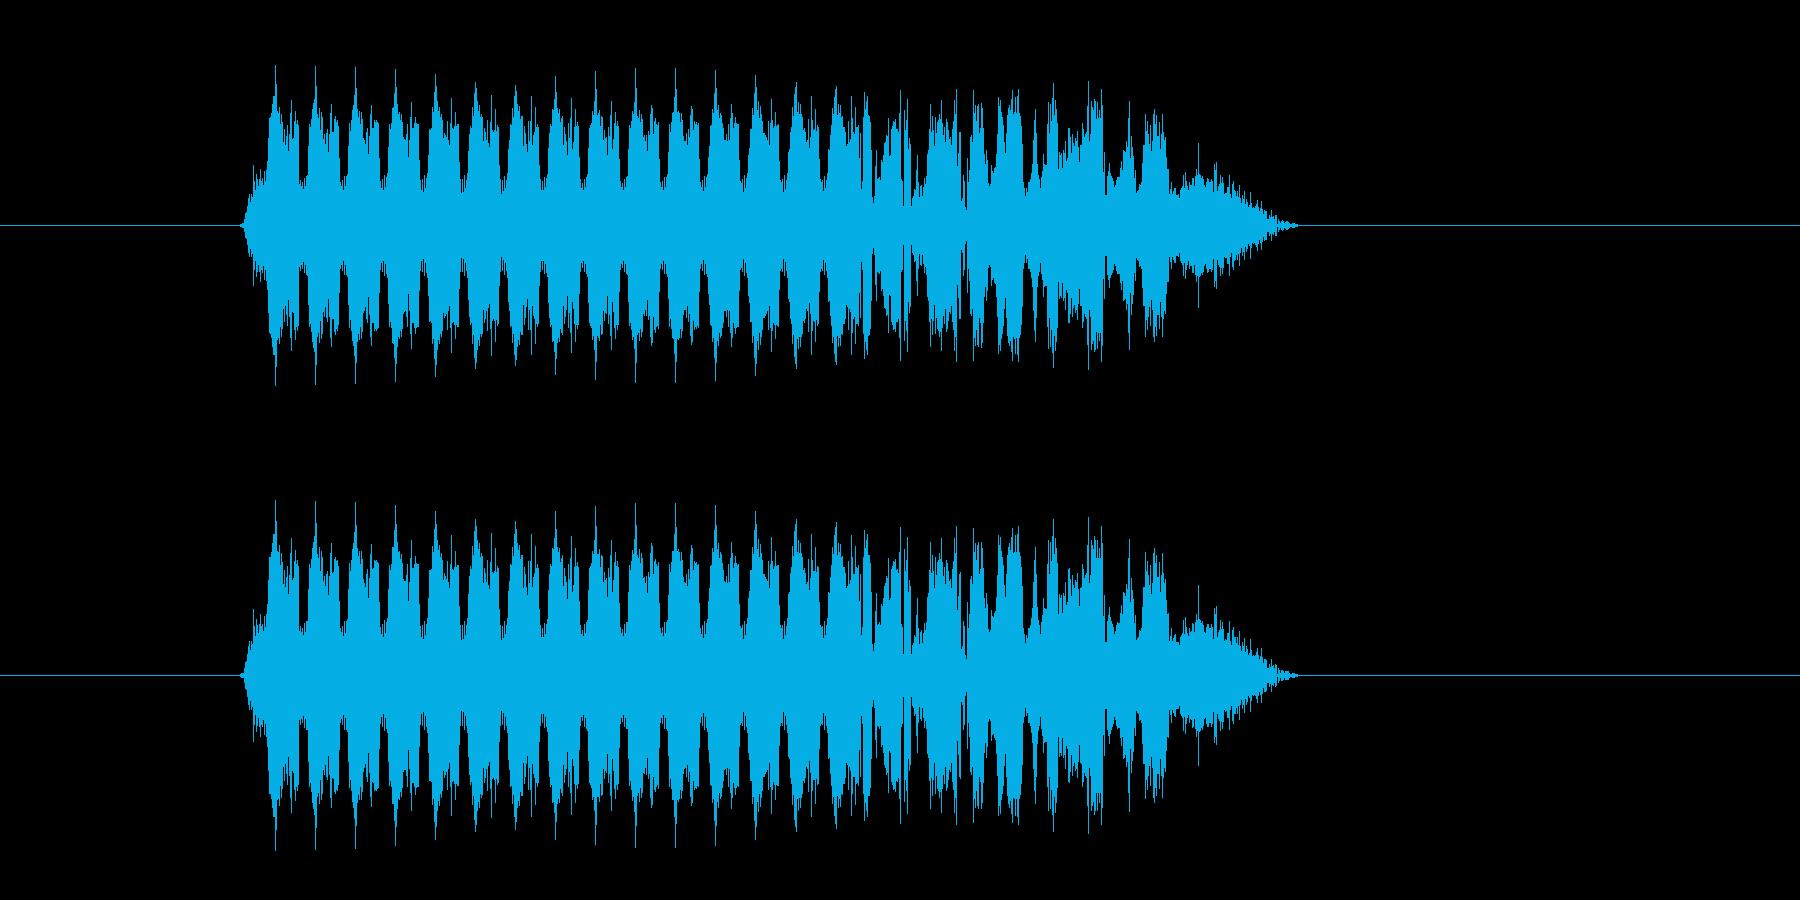 キュルキュルキュル(バラエティ、番組)の再生済みの波形